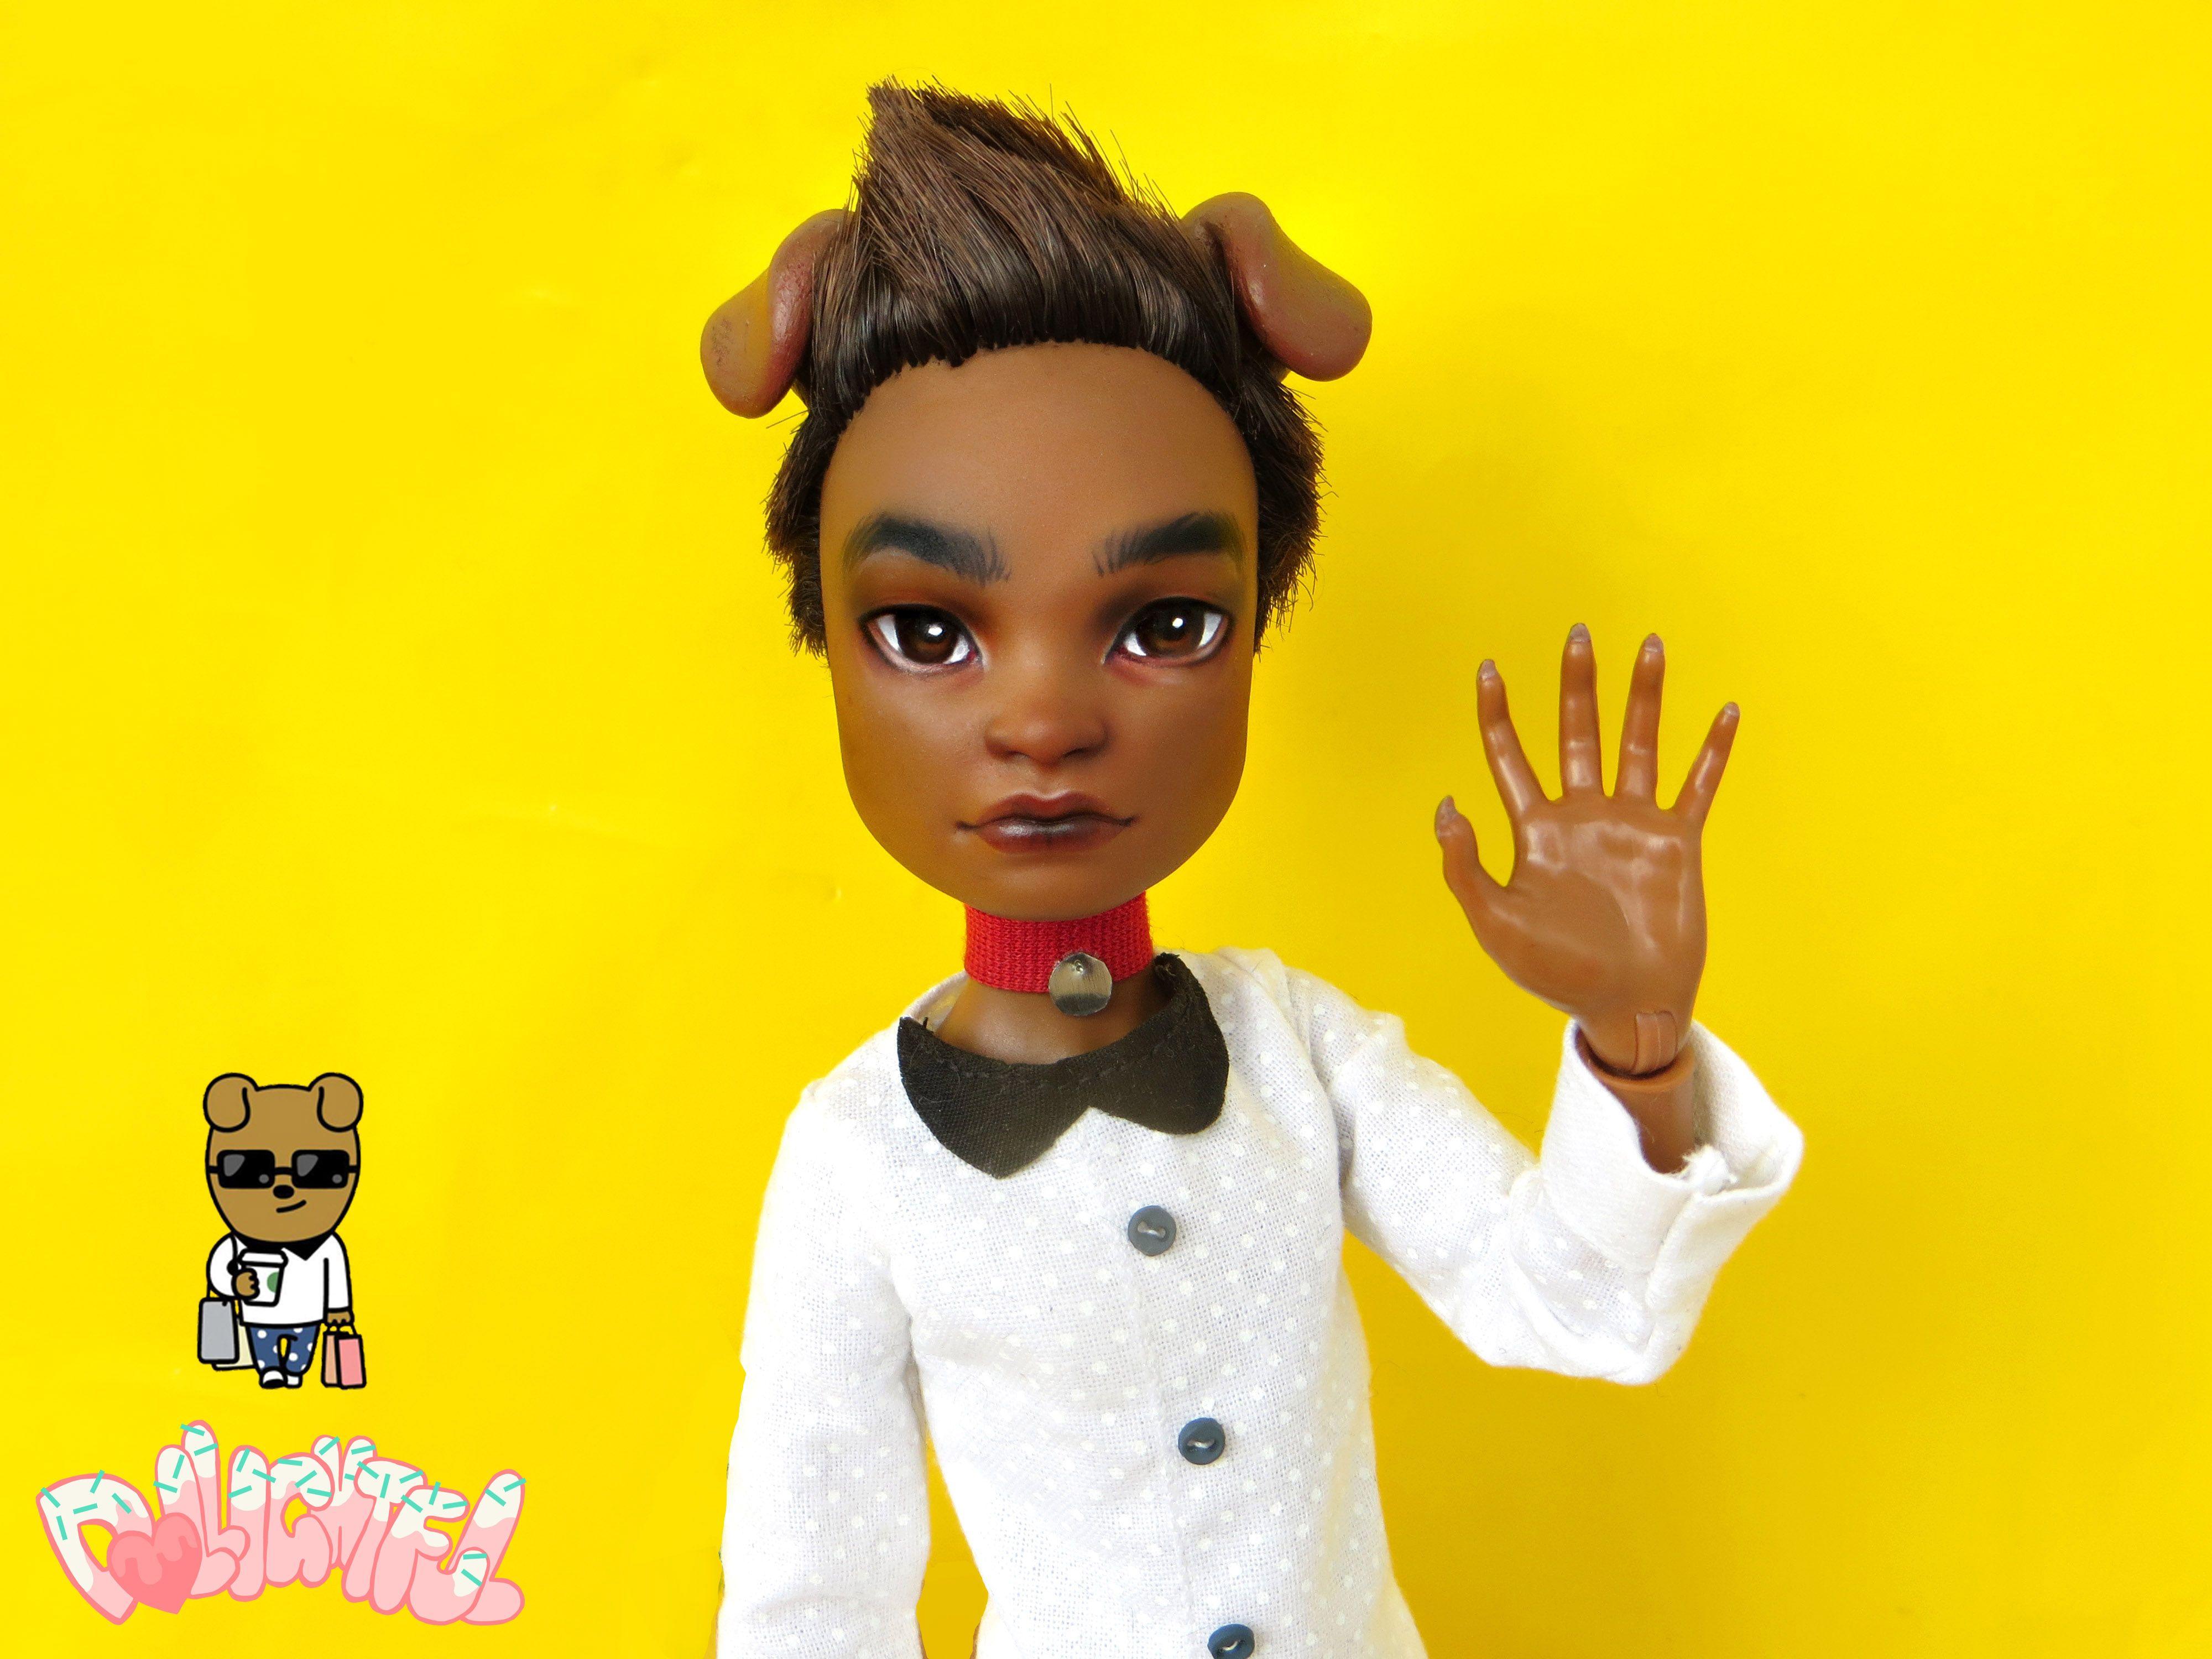 kakaotalk Kakao Friends Frodo Ooak custom doll 카카오 프렌즈 프로도 인형 by Dollightful